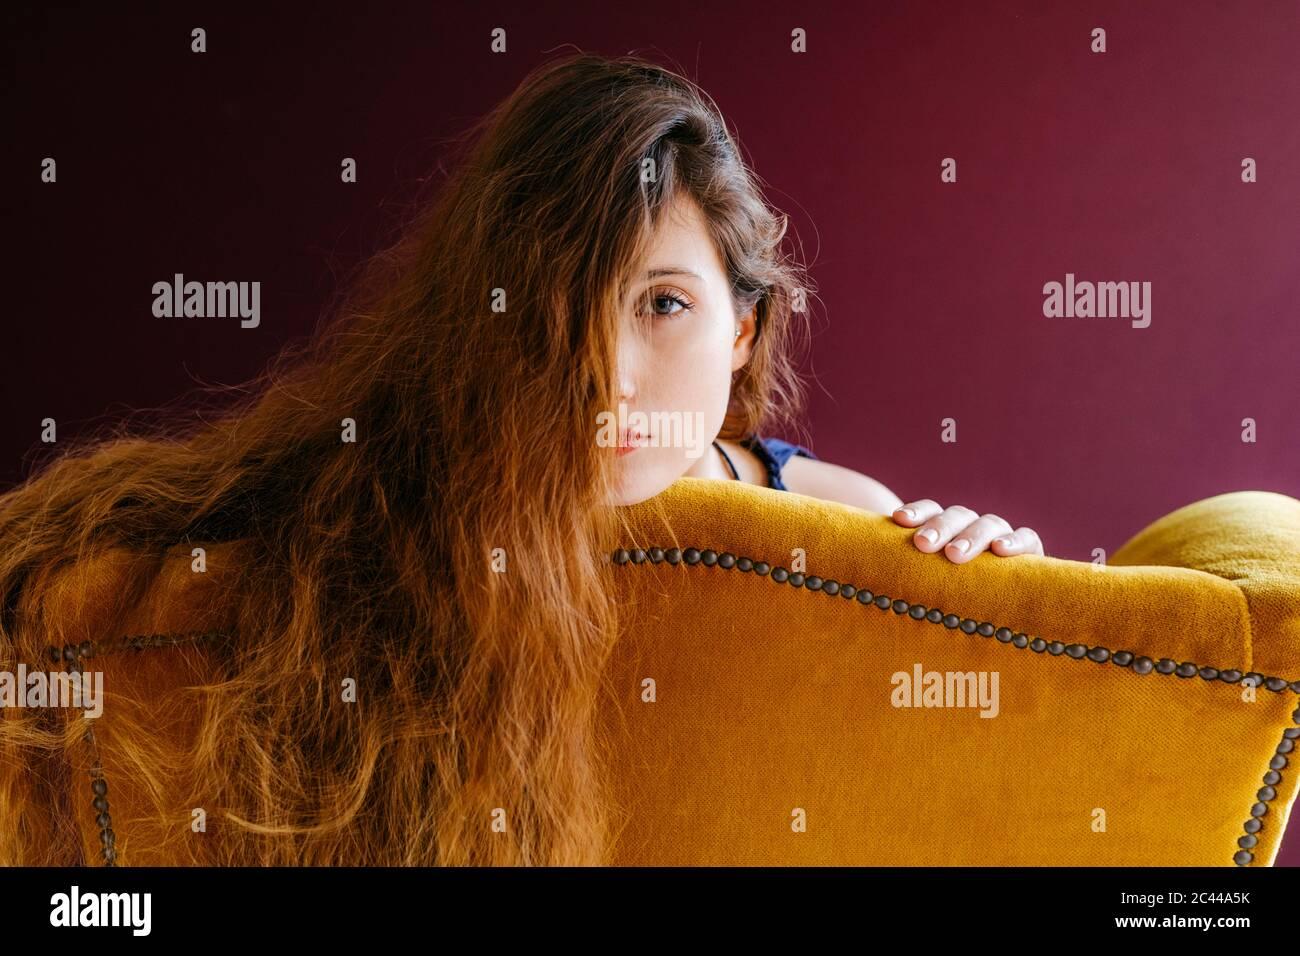 Portrait rapproché de la jeune femme avec de longs cheveux bruns, adochée sur une chaise dorée sur un fond coloré Banque D'Images